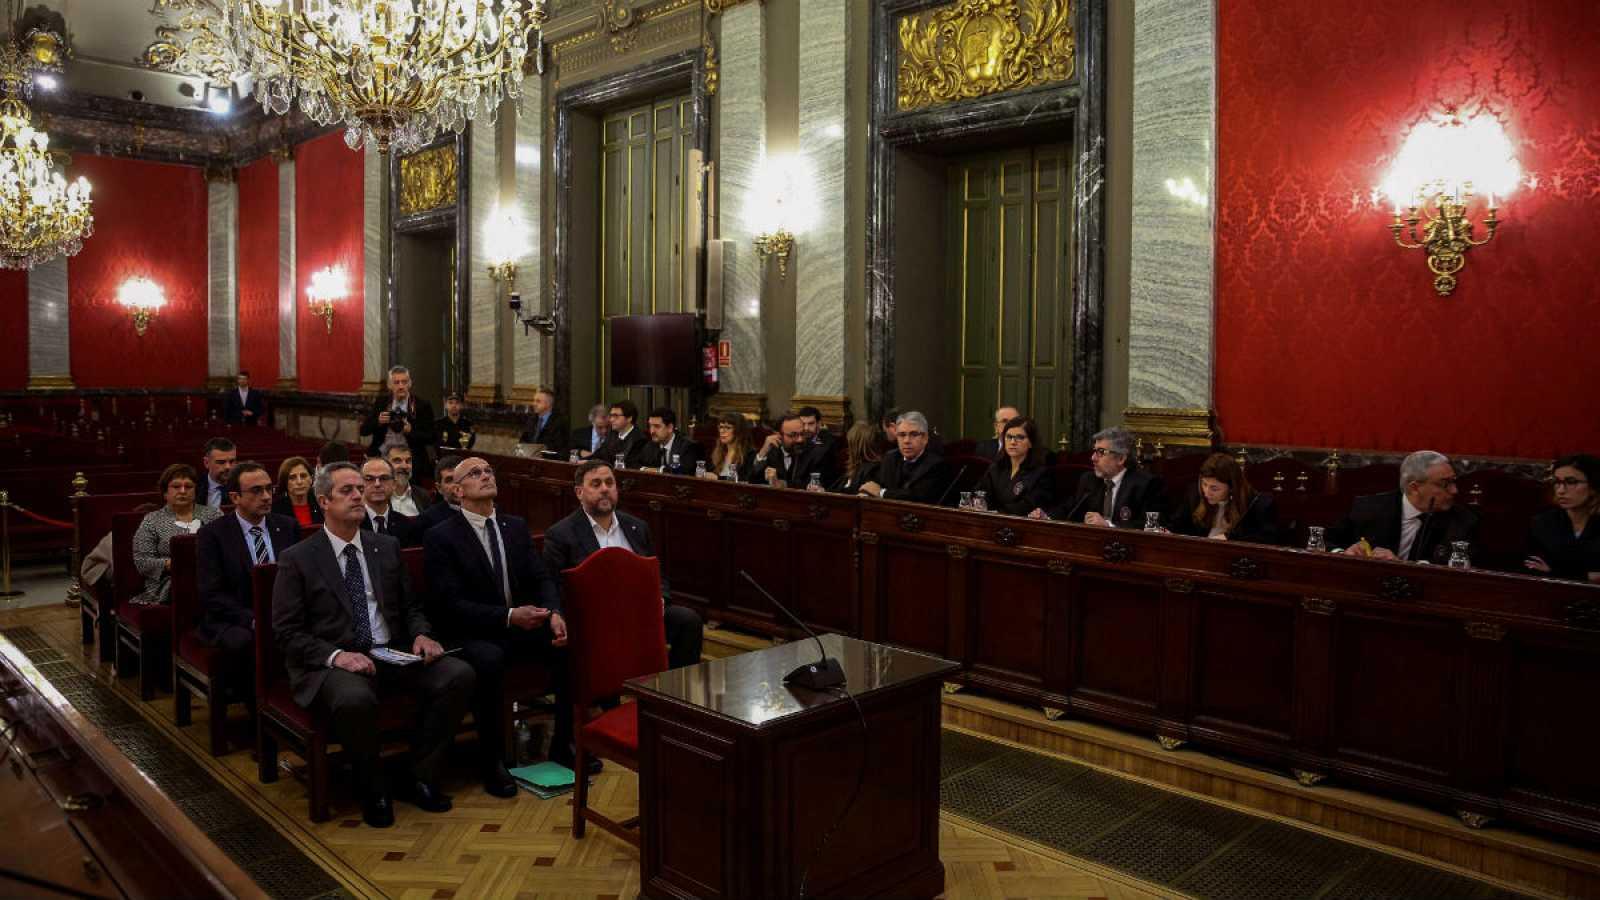 14 horas - Comienza el juicio del 'procés', un sumario histórico y sin precedentes - Escuchar ahora